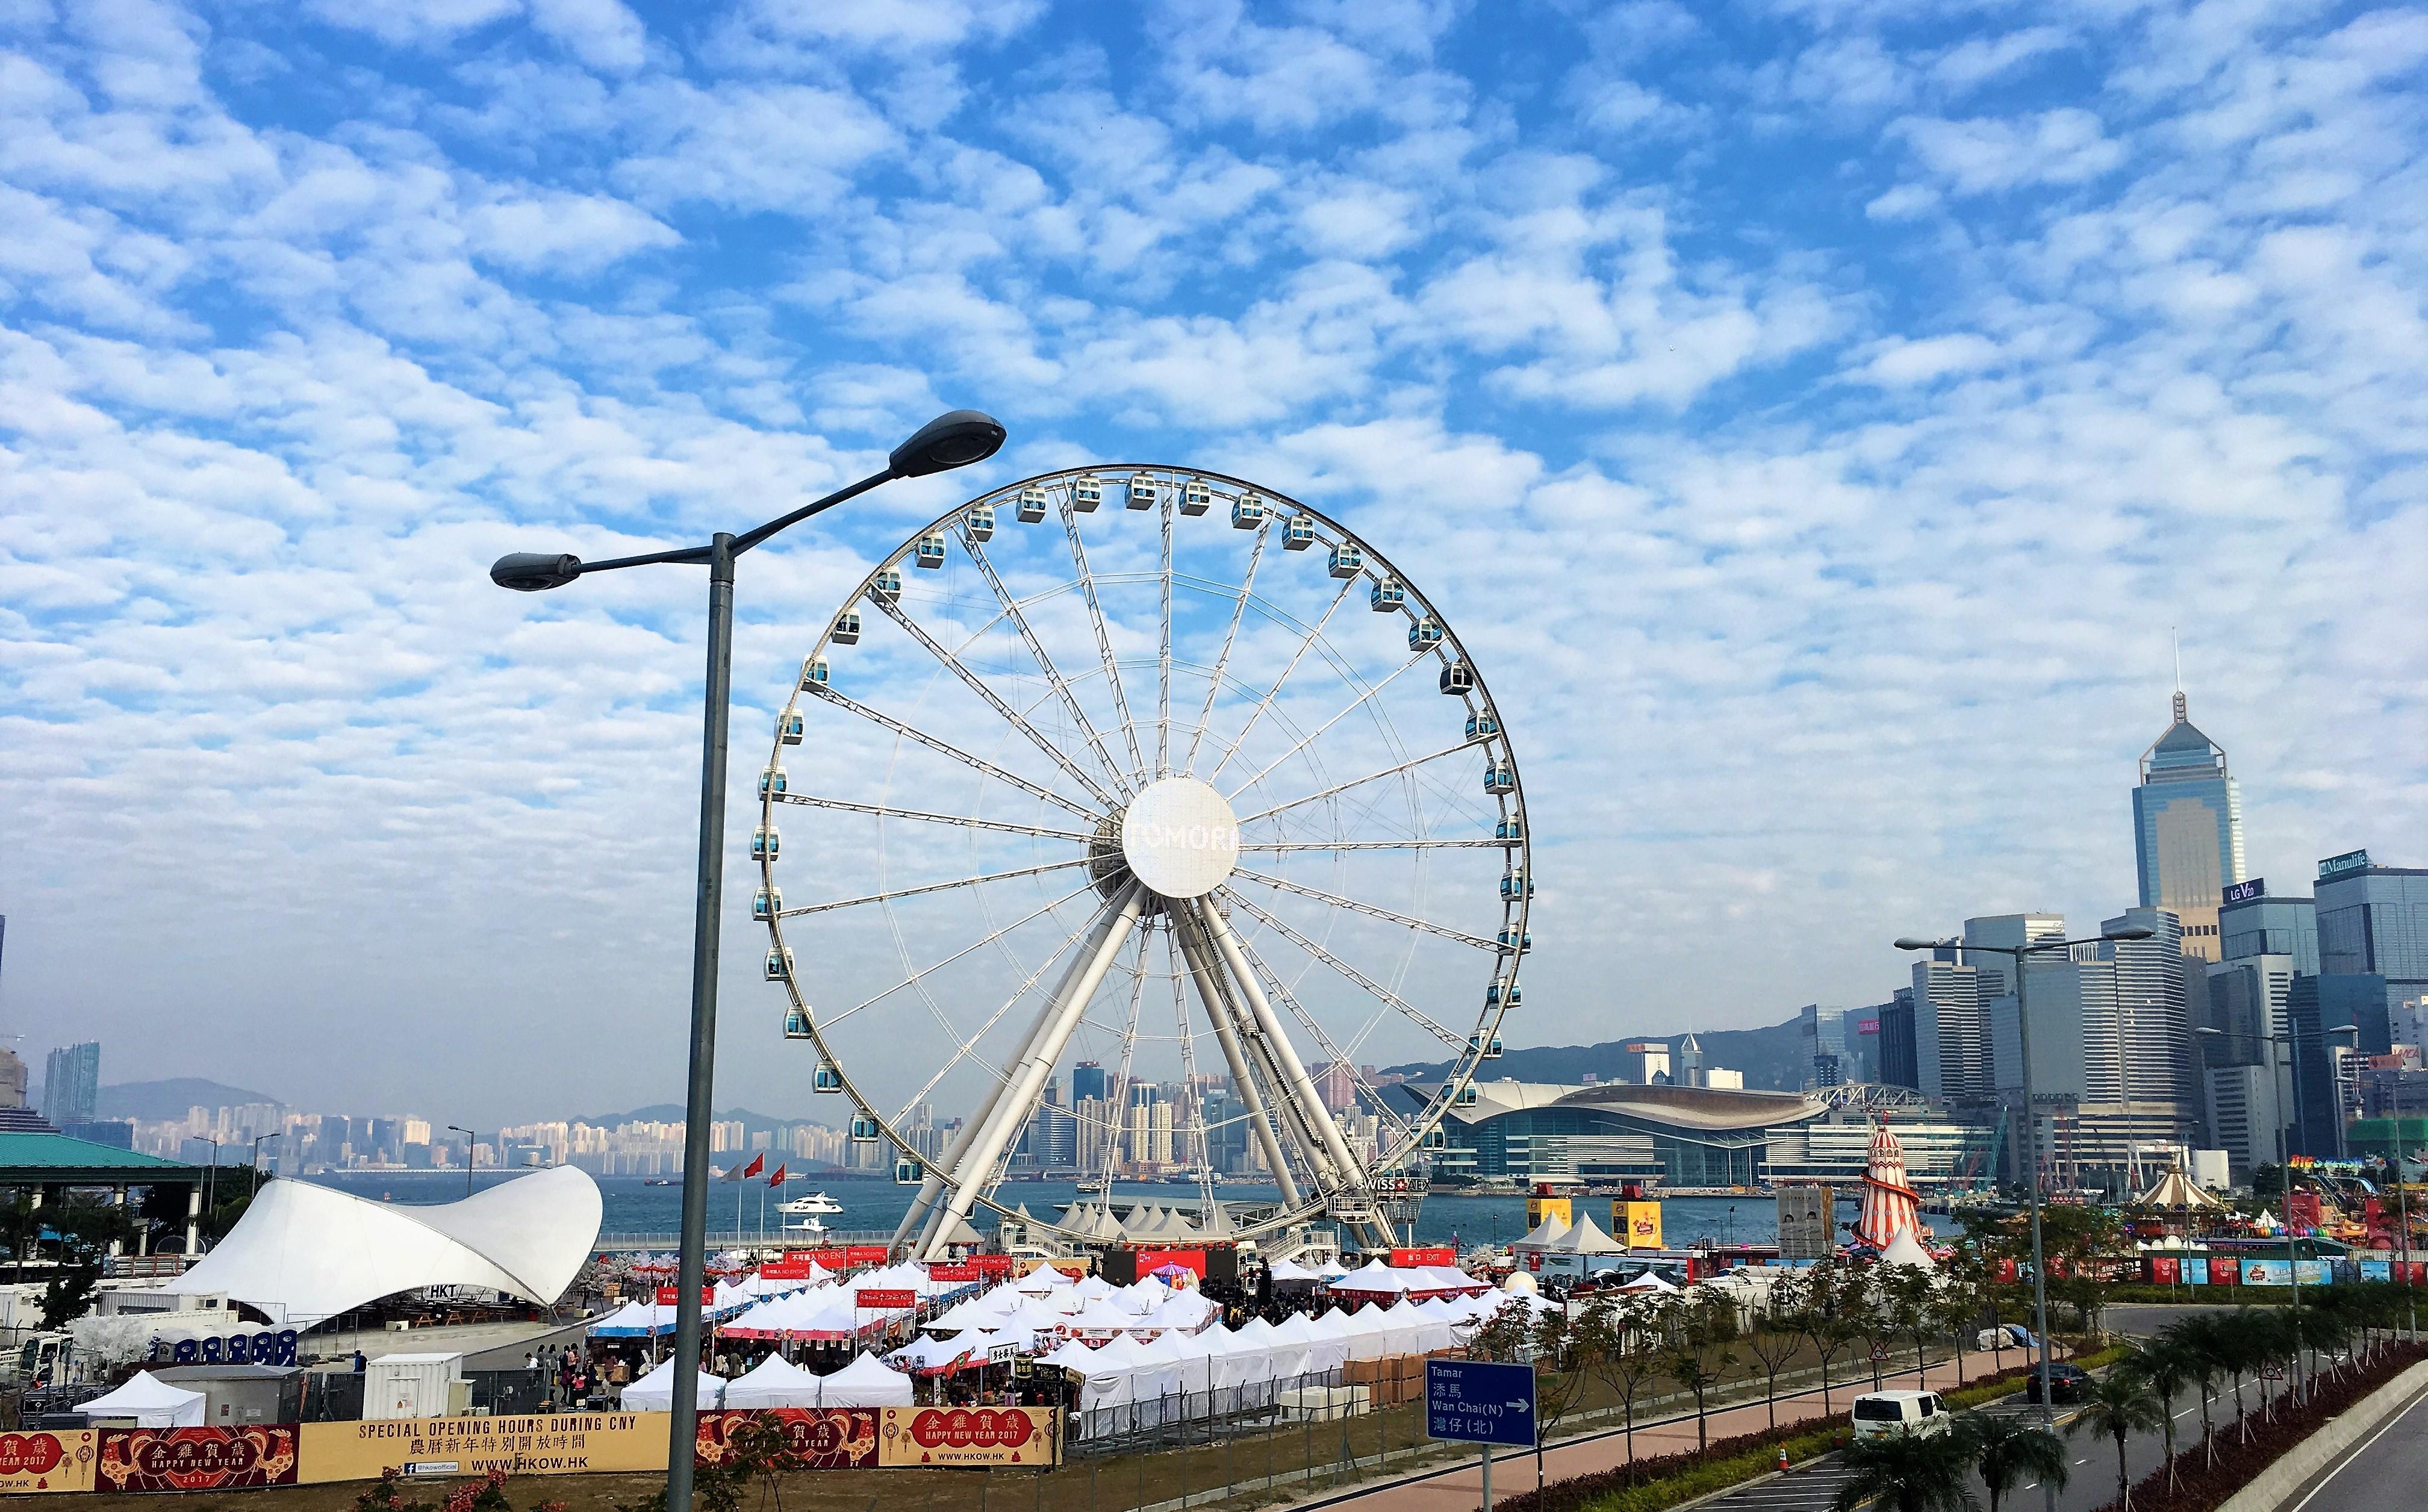 中環都有年宵市場!「Mart in Hong Kong」中環年宵2.0 @ 香港摩天輪 – Y F L 生活博客 by Kelvin Leung